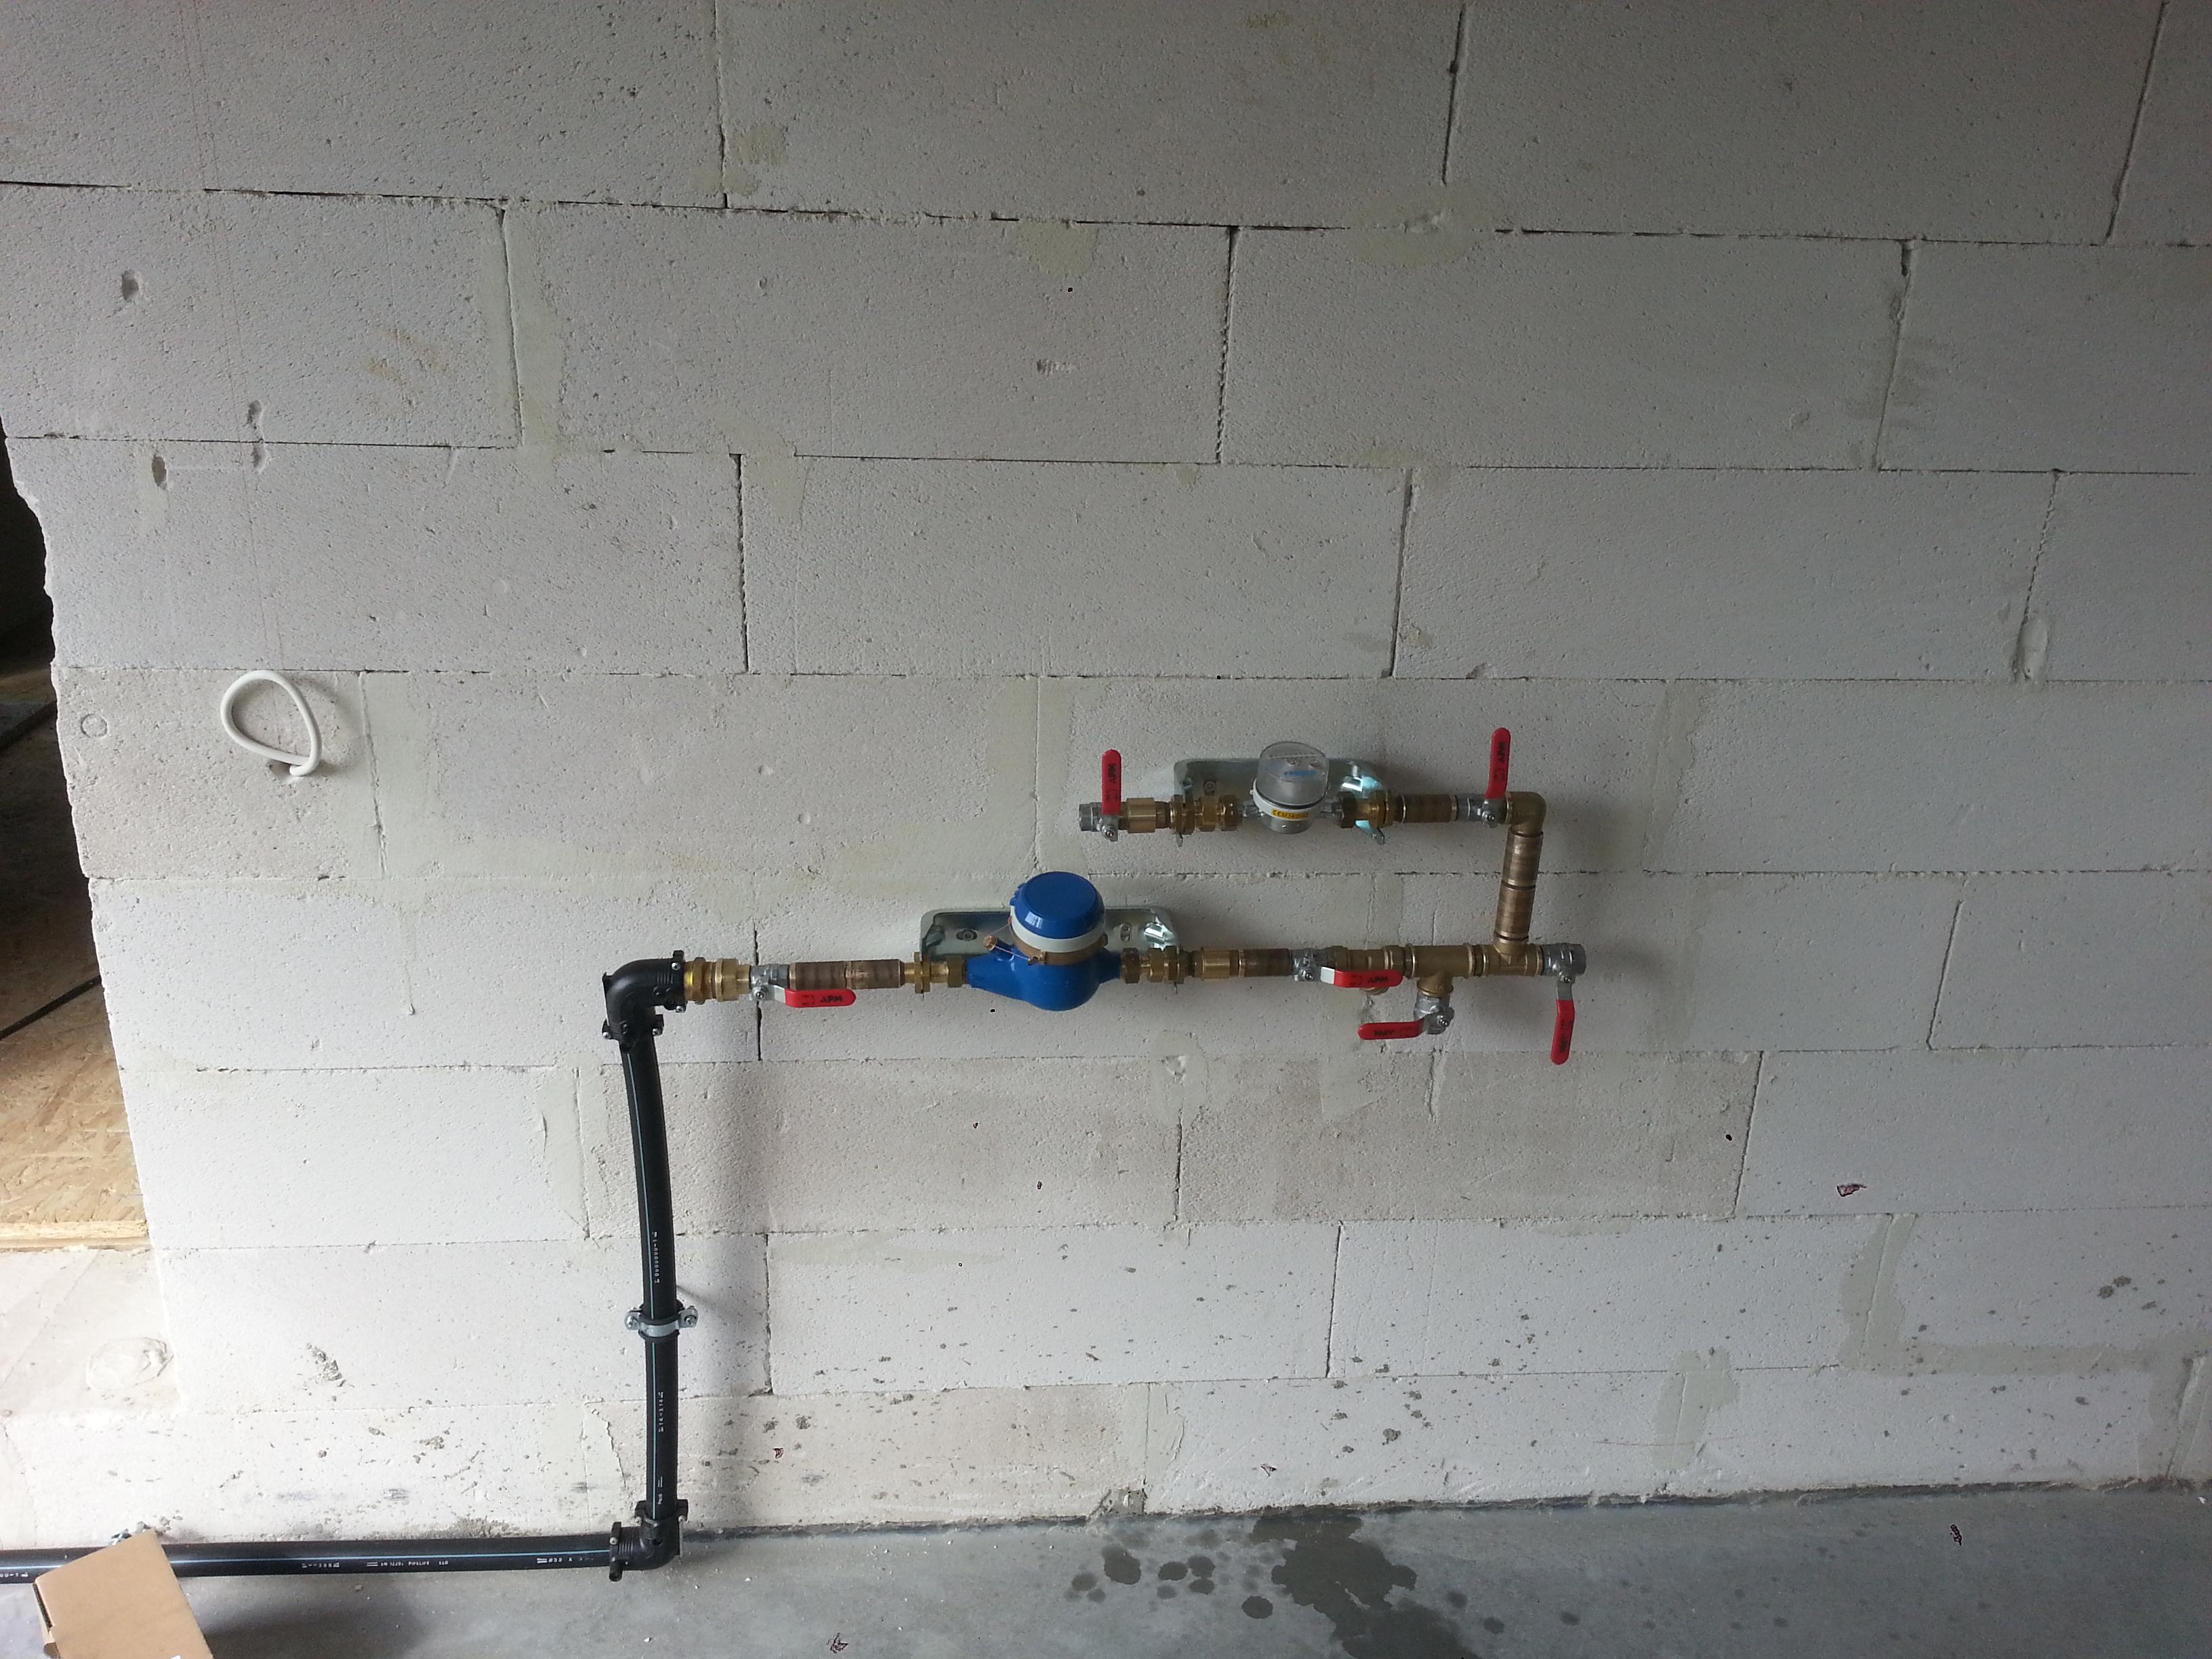 Peaveemõõdu-       sõlm koos aiakastmis veemõõdusõlme-   ga